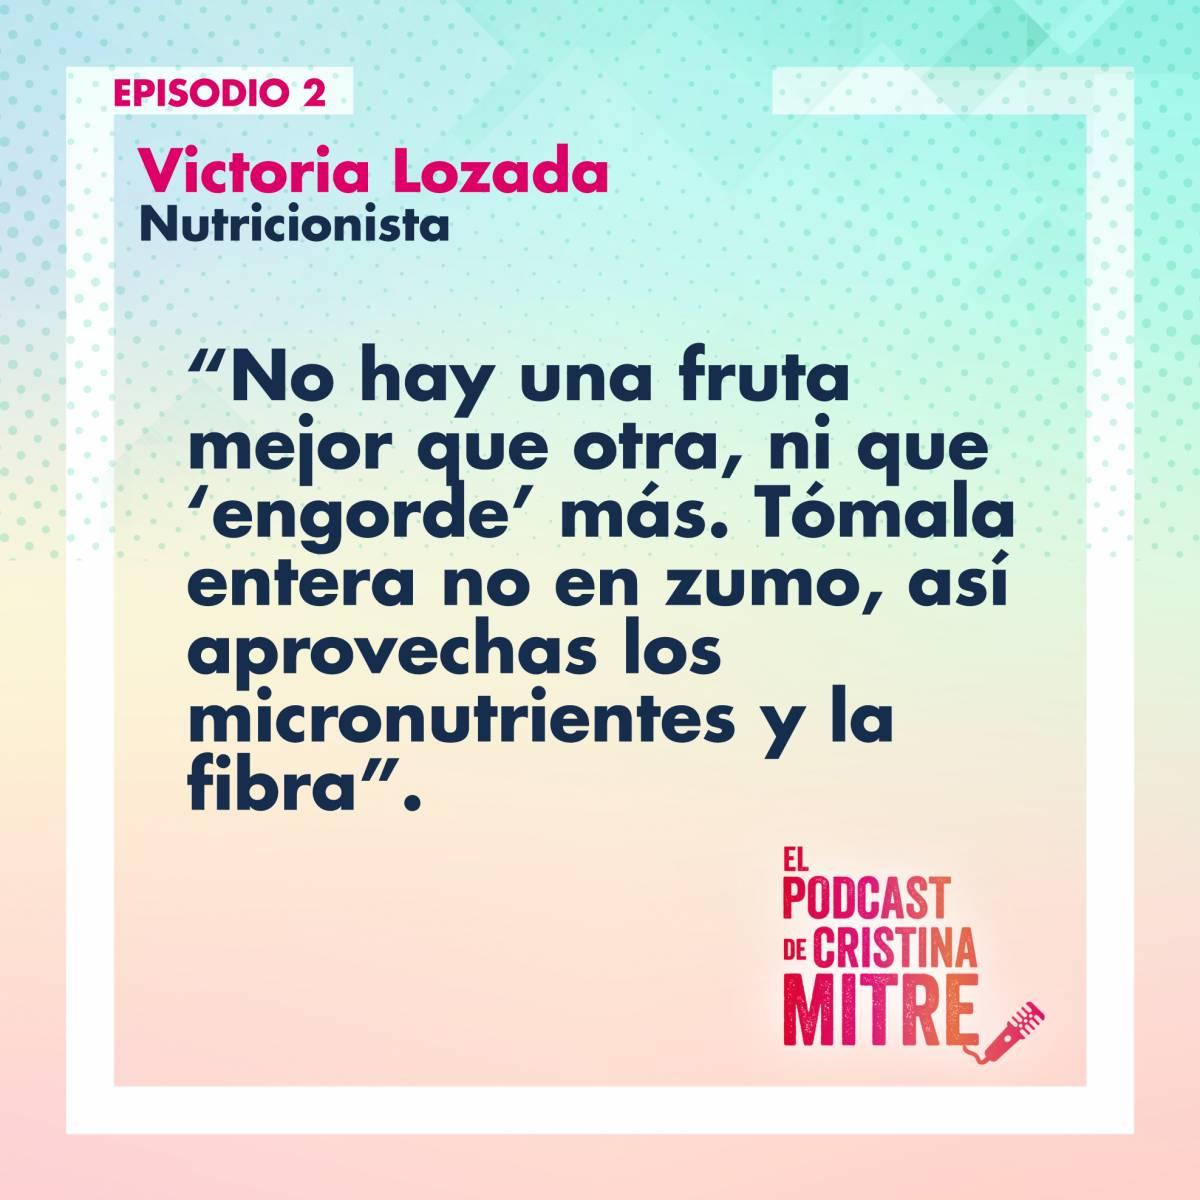 el podcast de cristina mitre Victoria Lozada